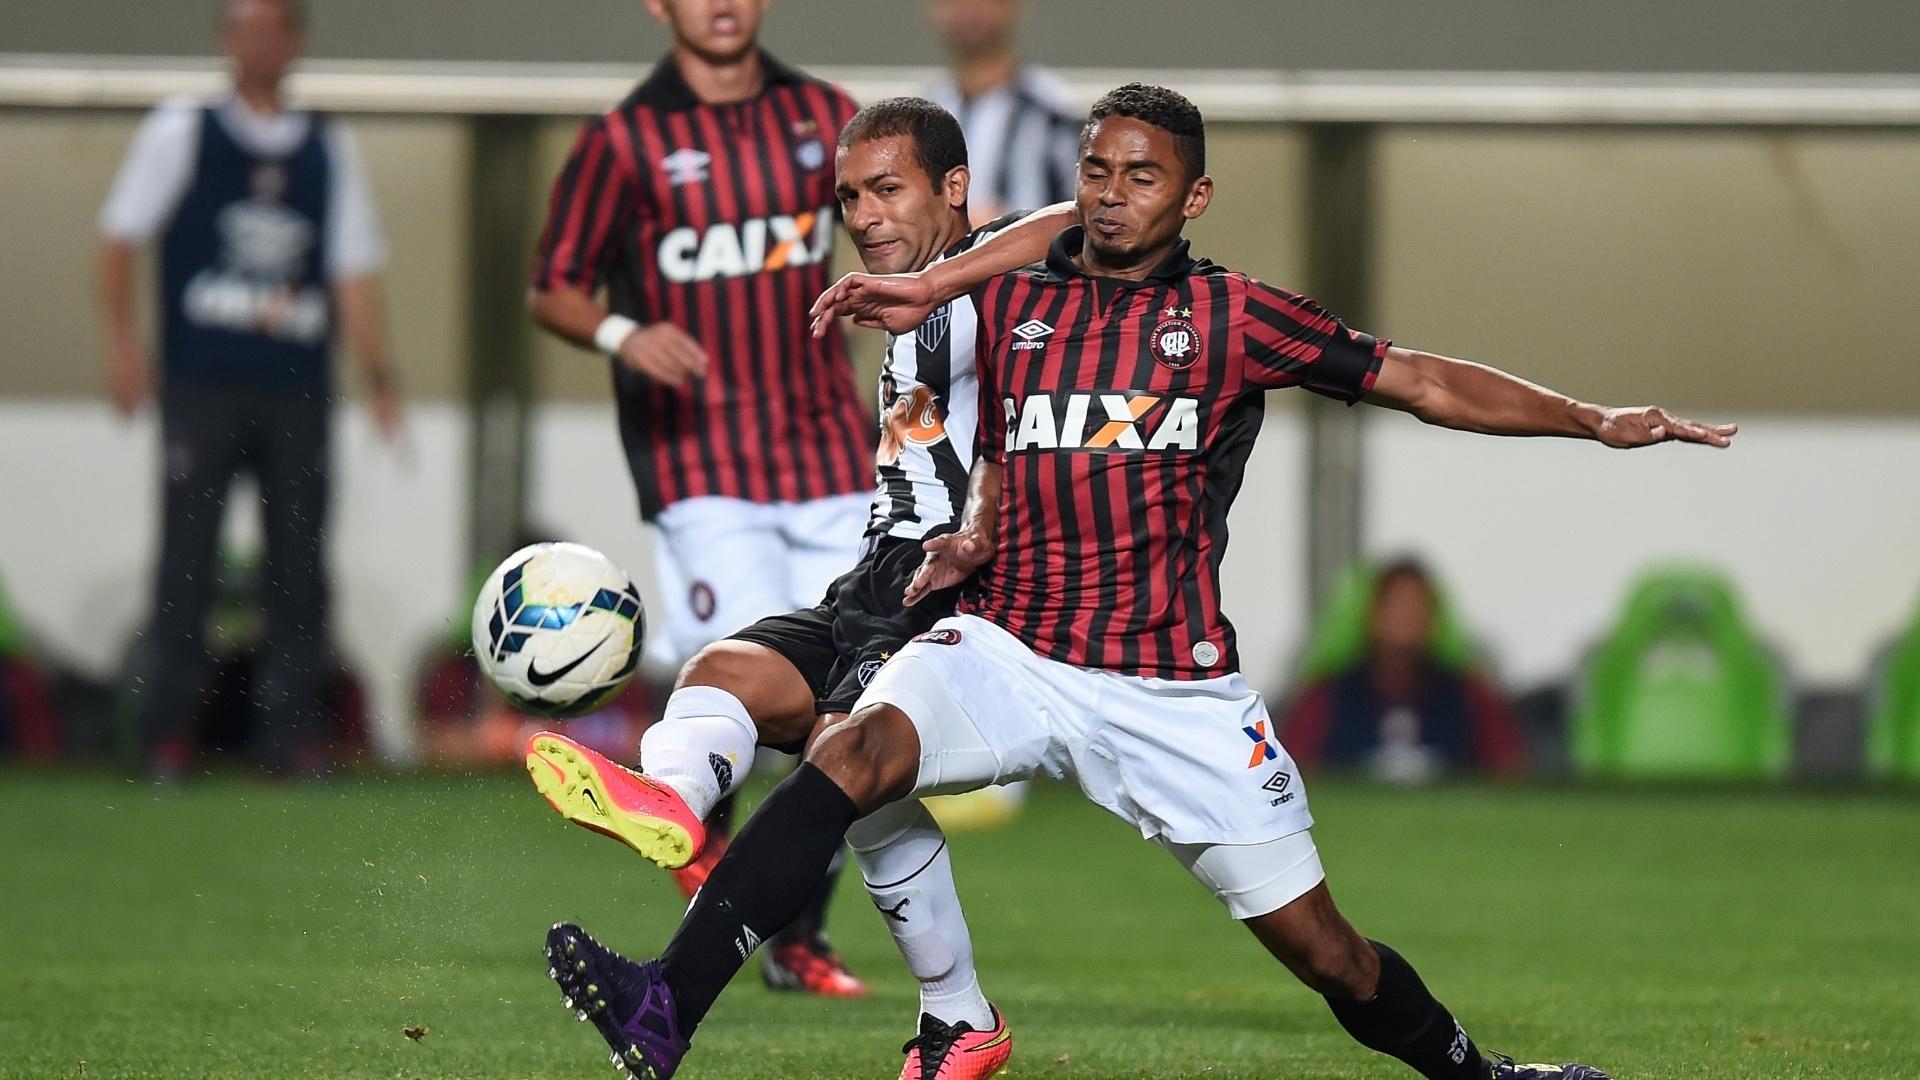 Pierre e Deivid disputam bola no jogo entre Atlético-PR e Atlético-MG